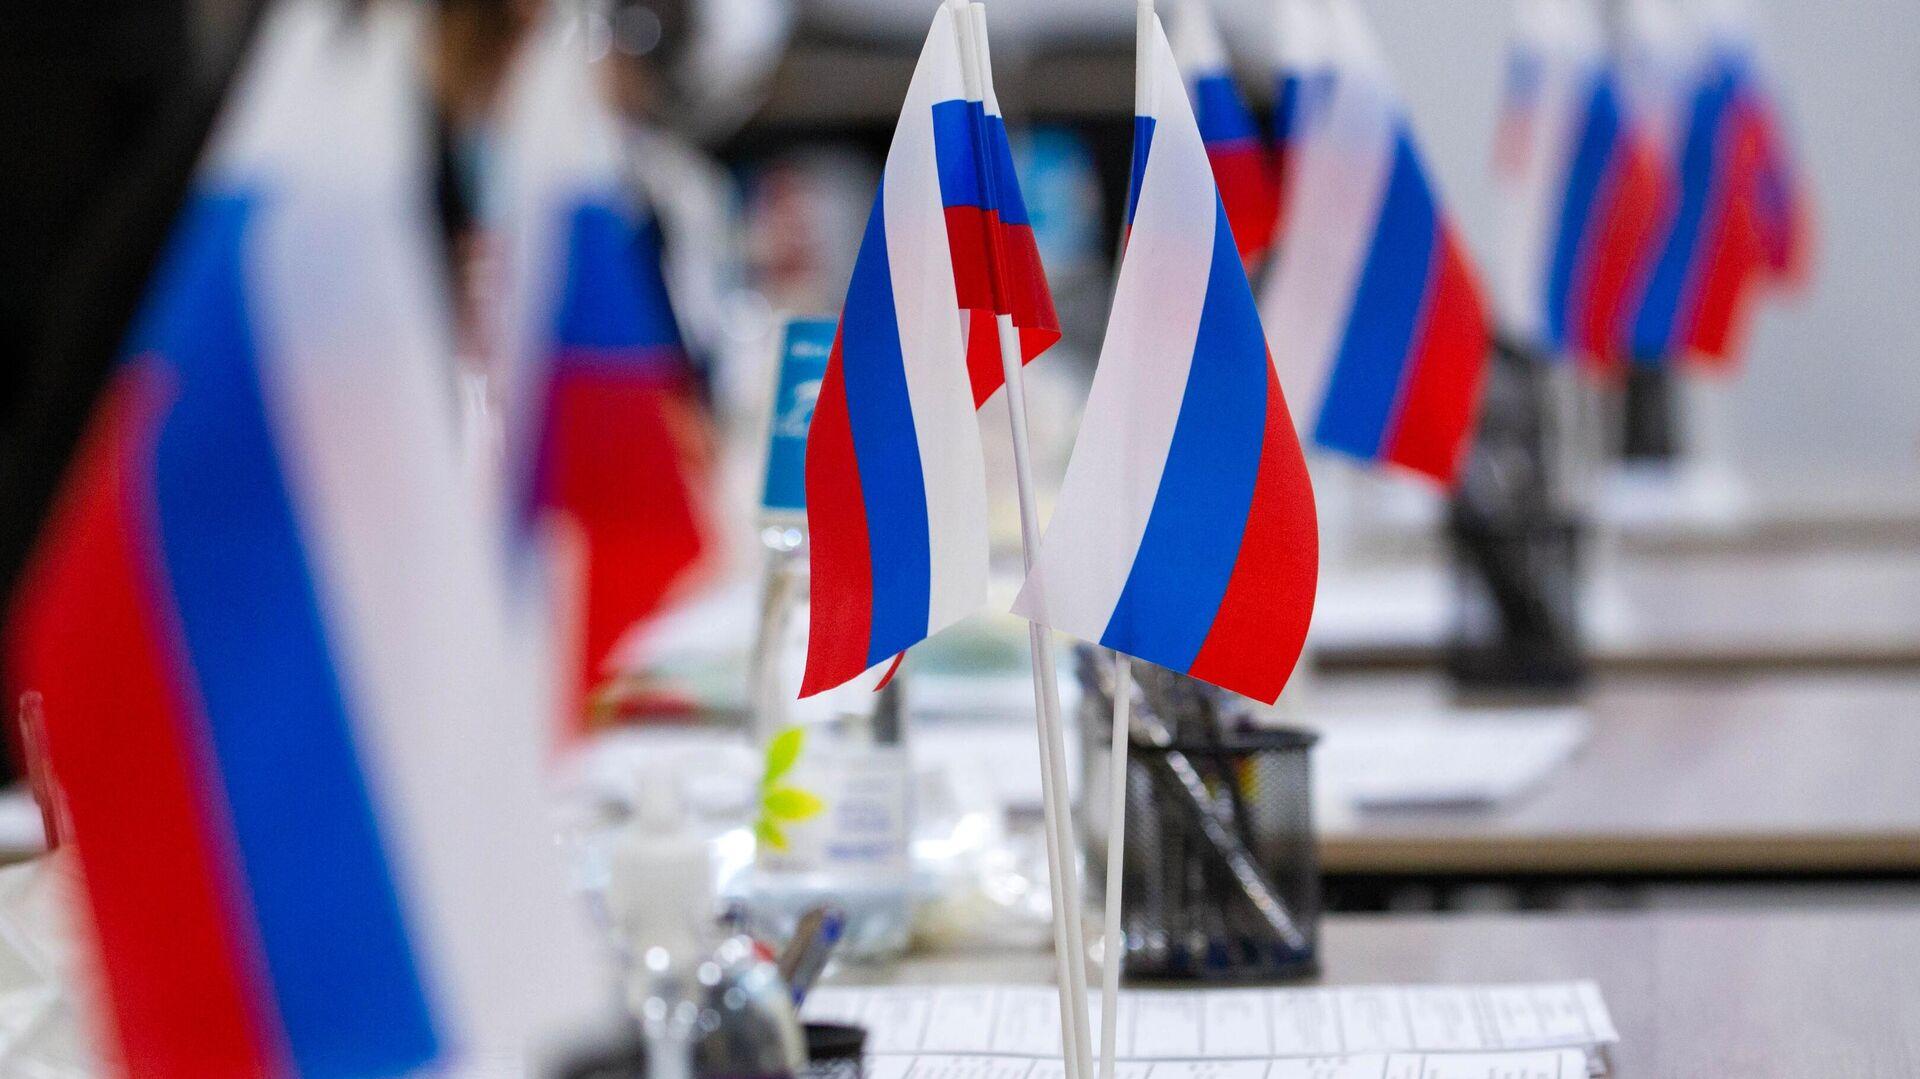 Российские флаги на избирательном участке в здании представительства Россотрудничества - Sputnik Ўзбекистон, 1920, 21.09.2021